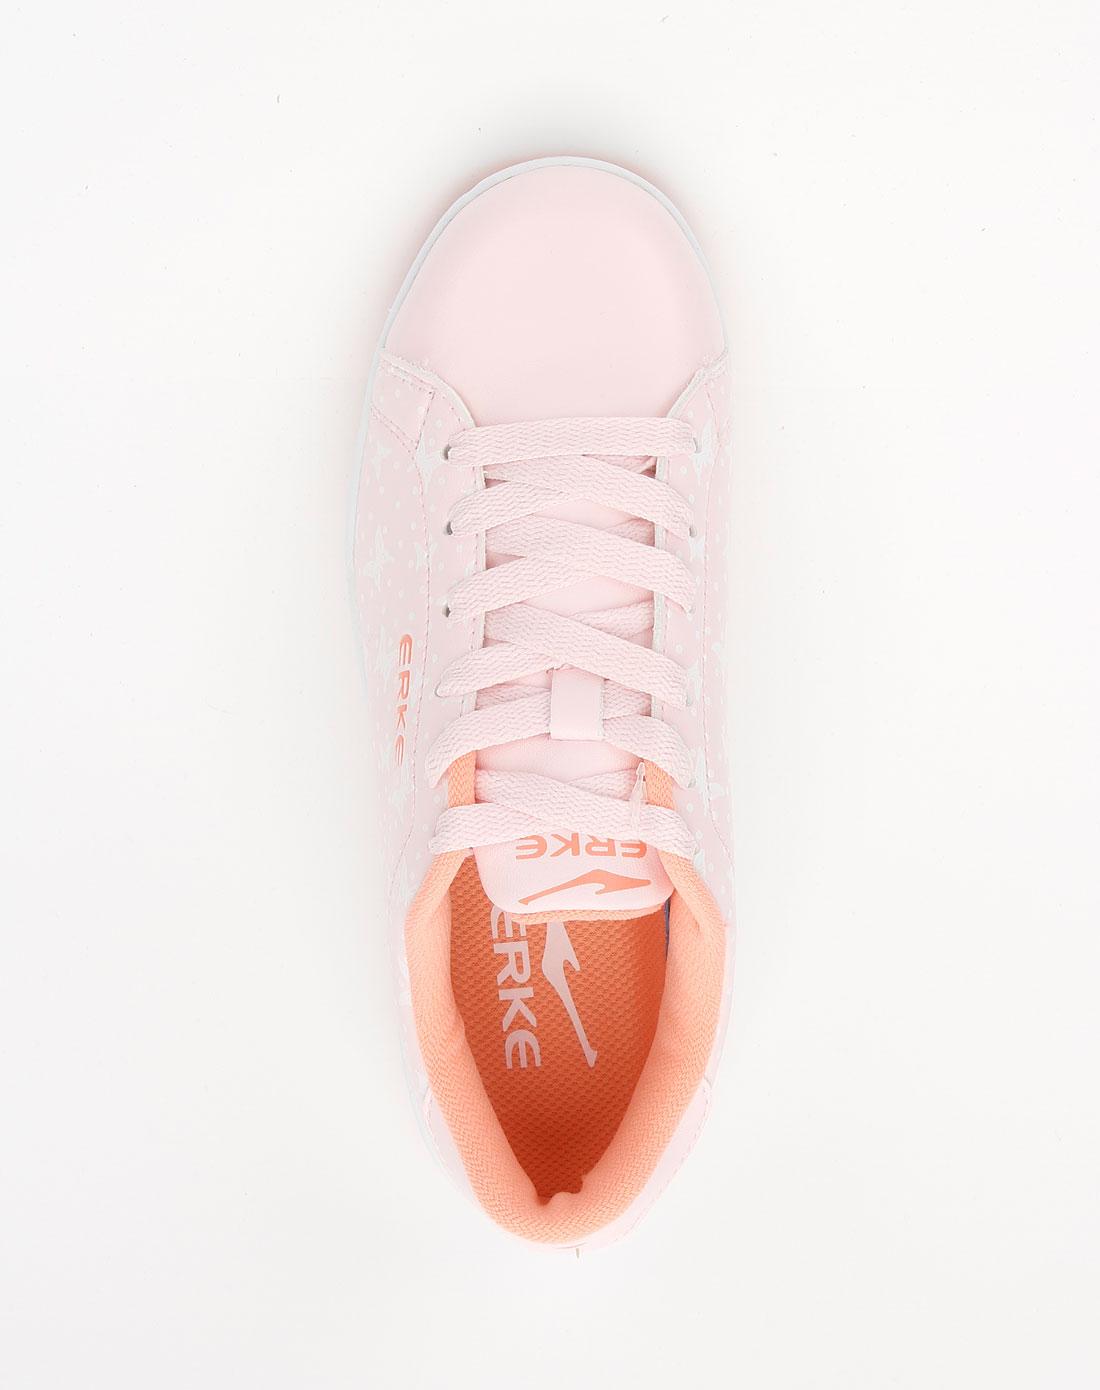 时尚滑板鞋12112101078